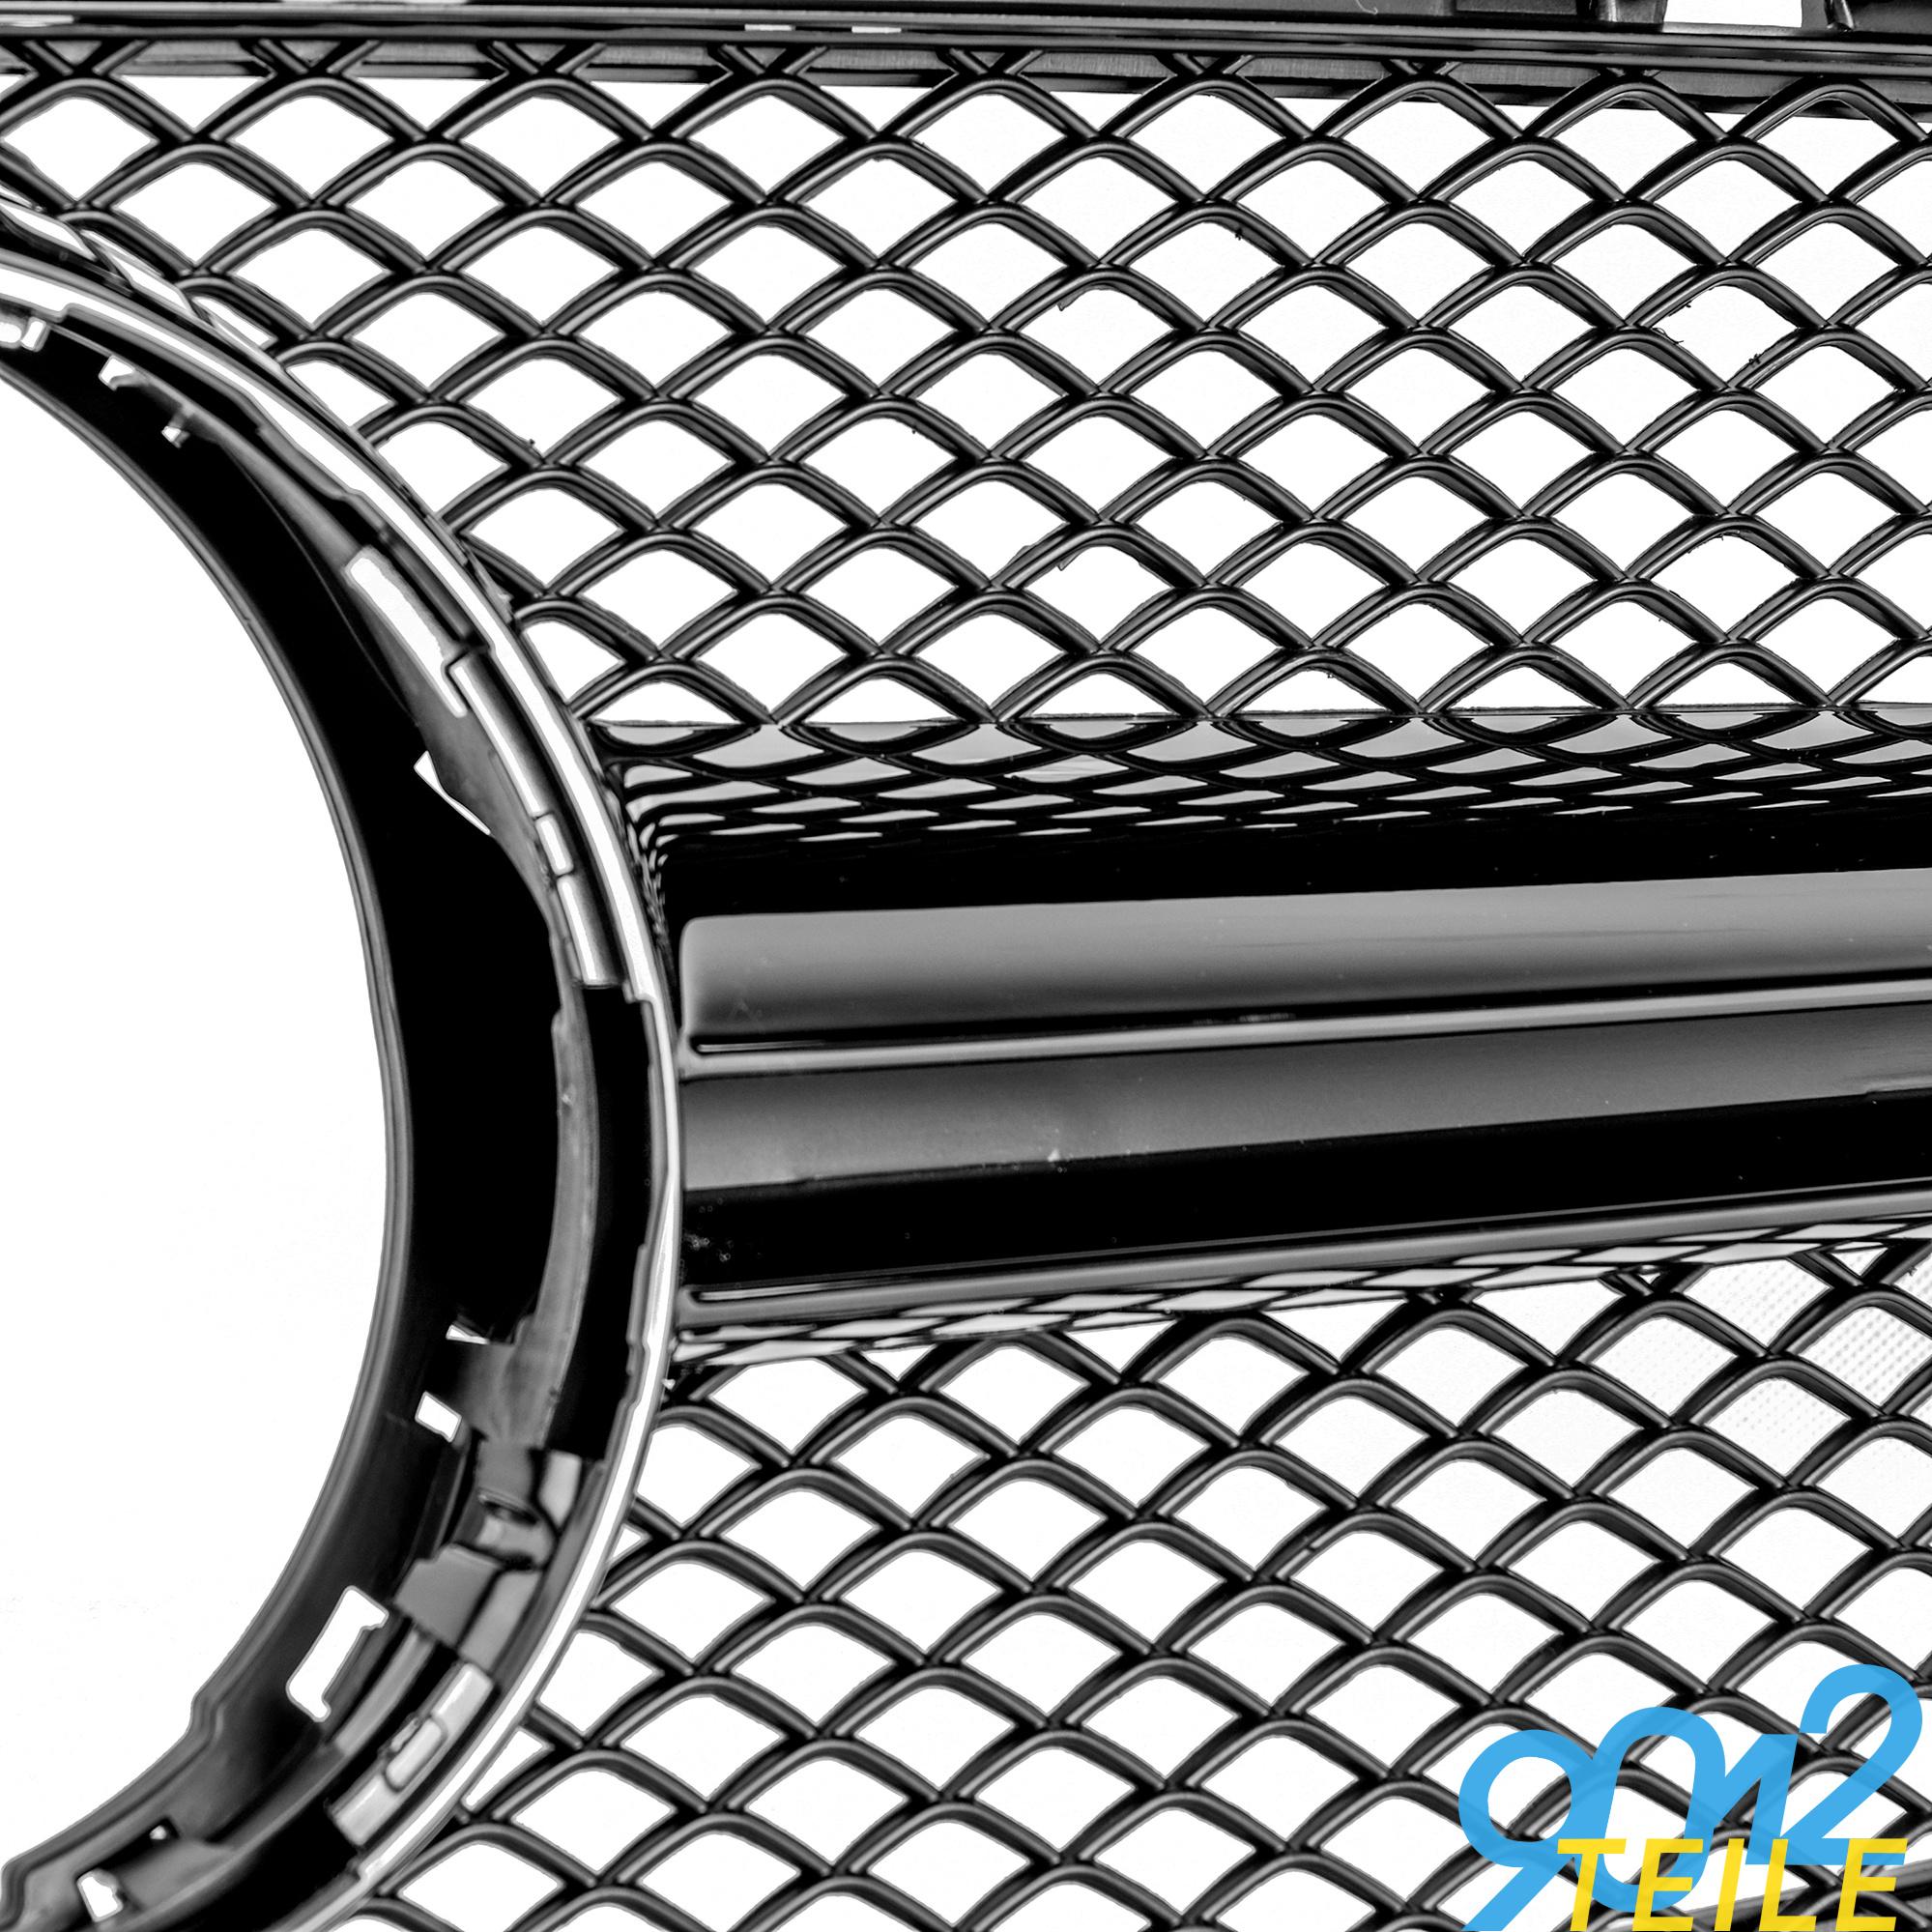 für Mercedes AMG LOOK Grill A-KLASSE W176 12-15 GLANZ SCHWARZ Kühlgrill Front